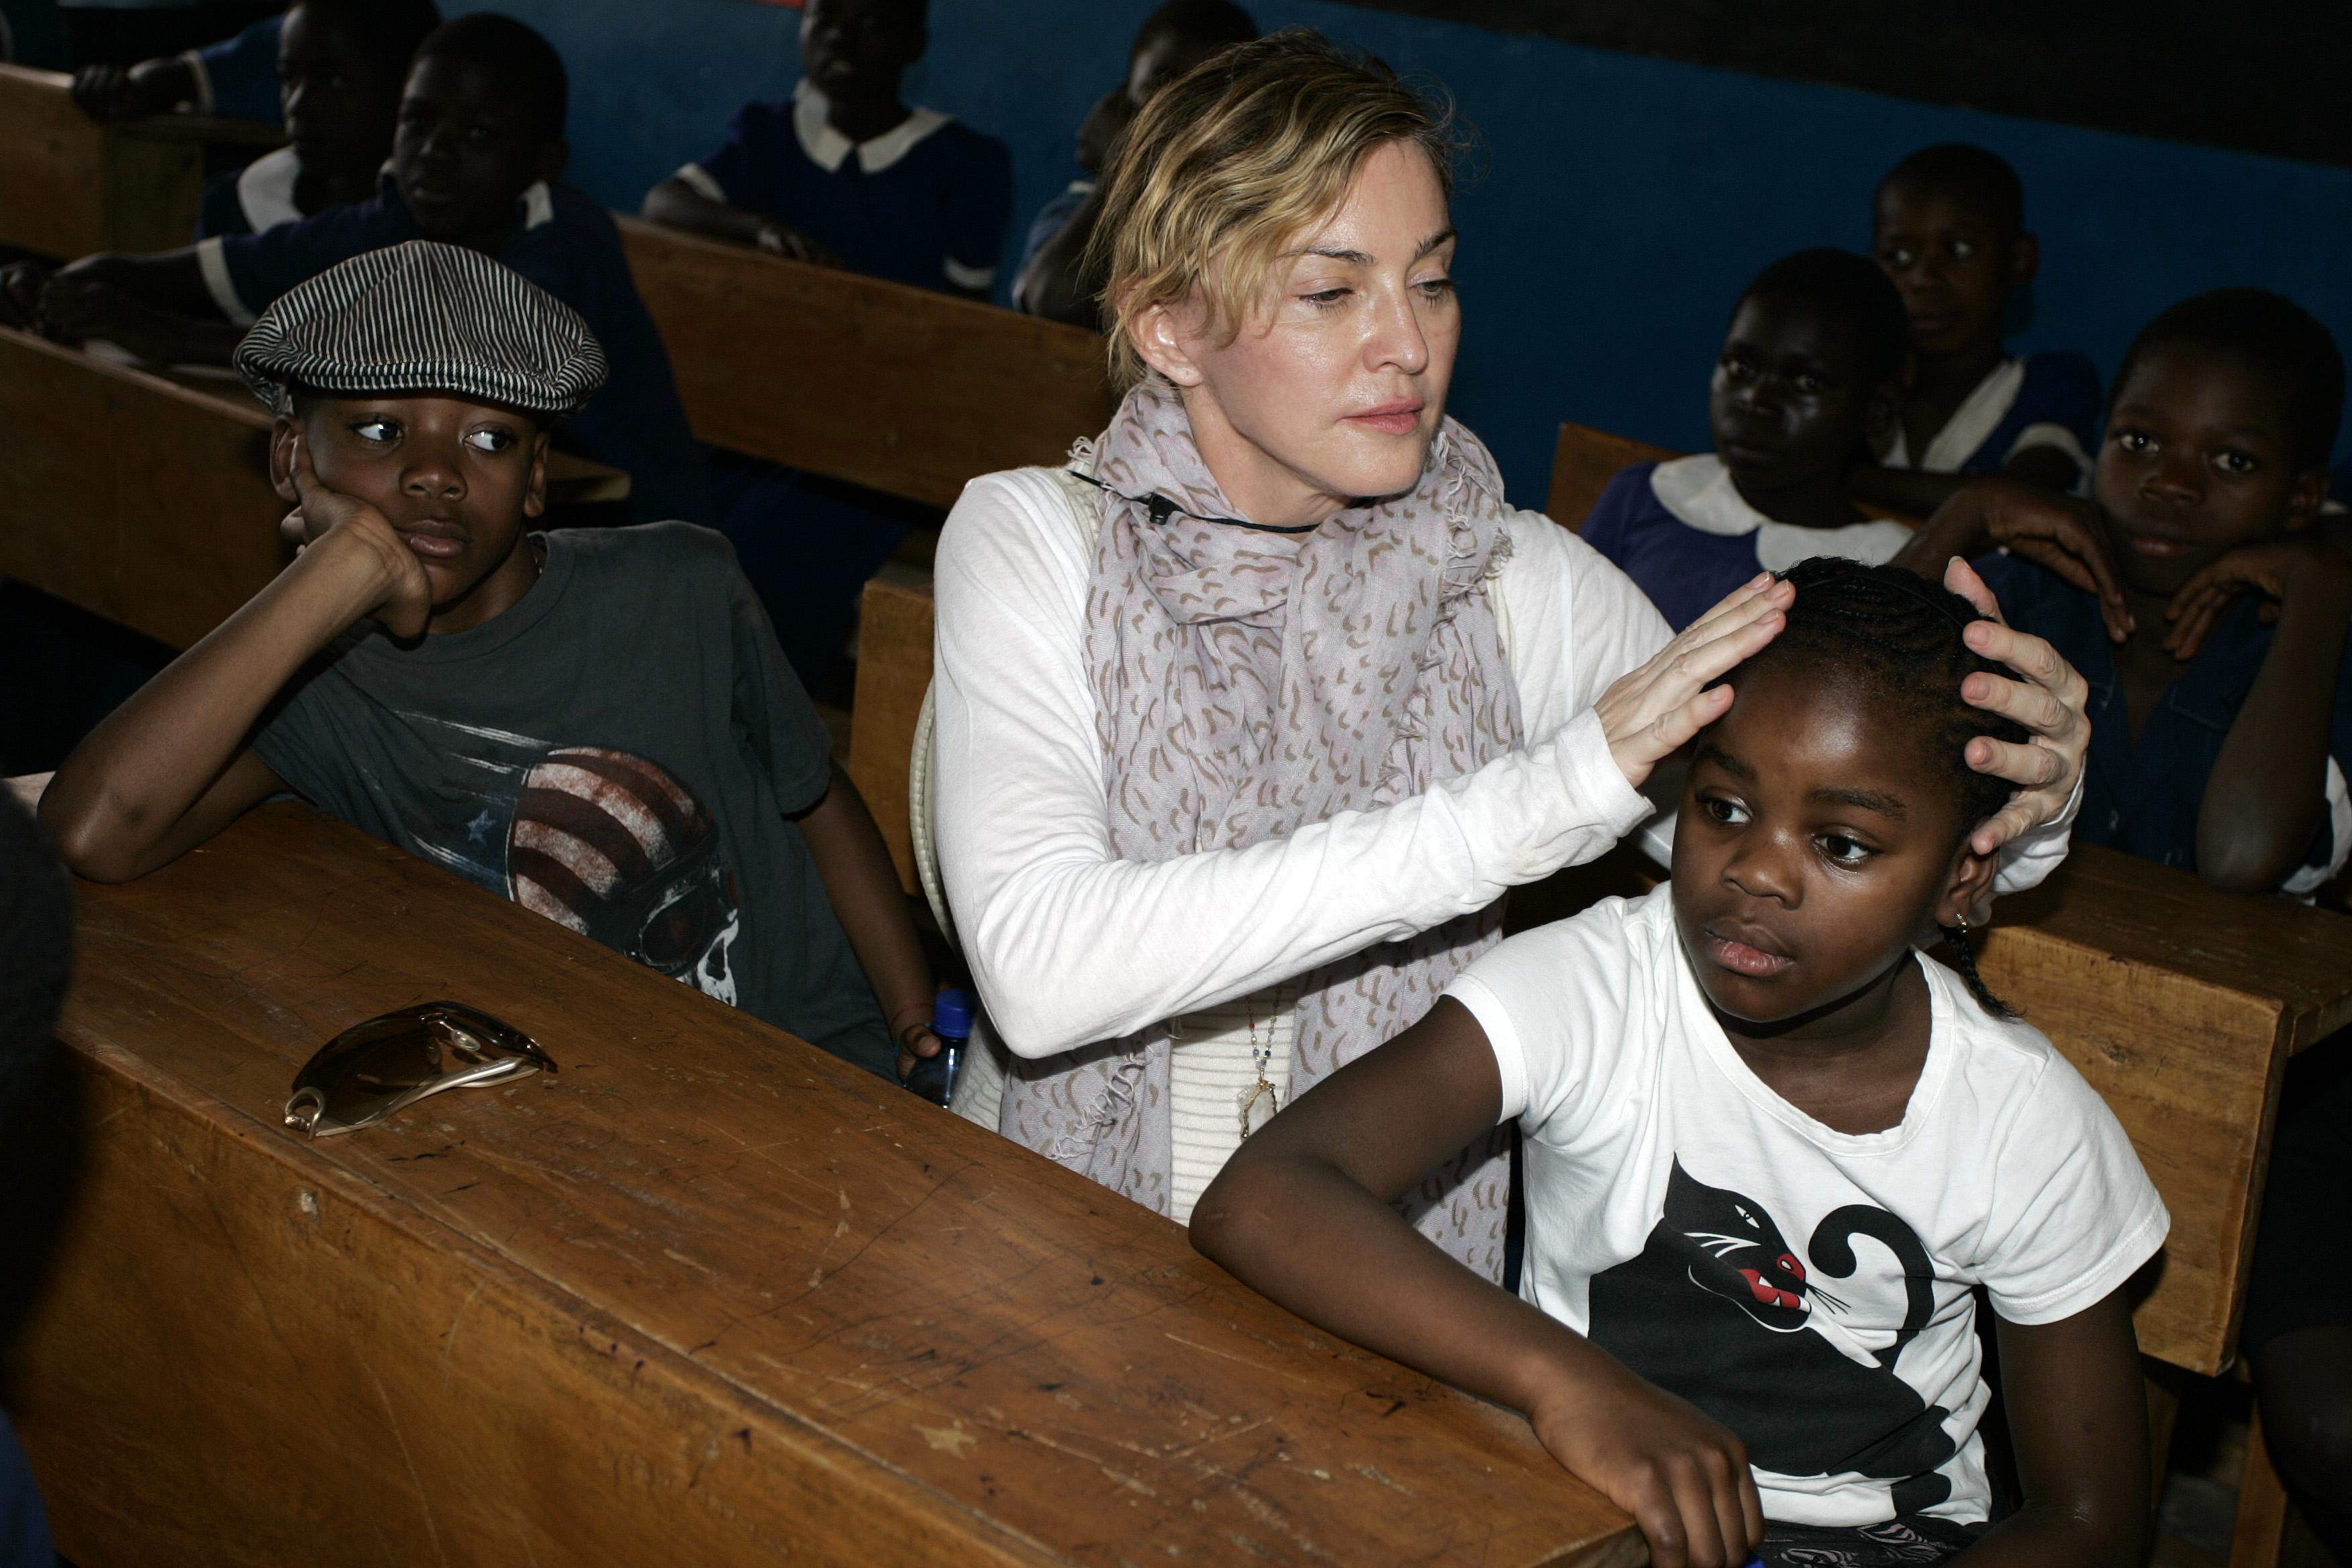 Madonna com David Banda e Mercy James no Malauí - filhos que ela adotou no país. A cantora ainda é mãe biológica de Lourdes Maria e de Rocco.